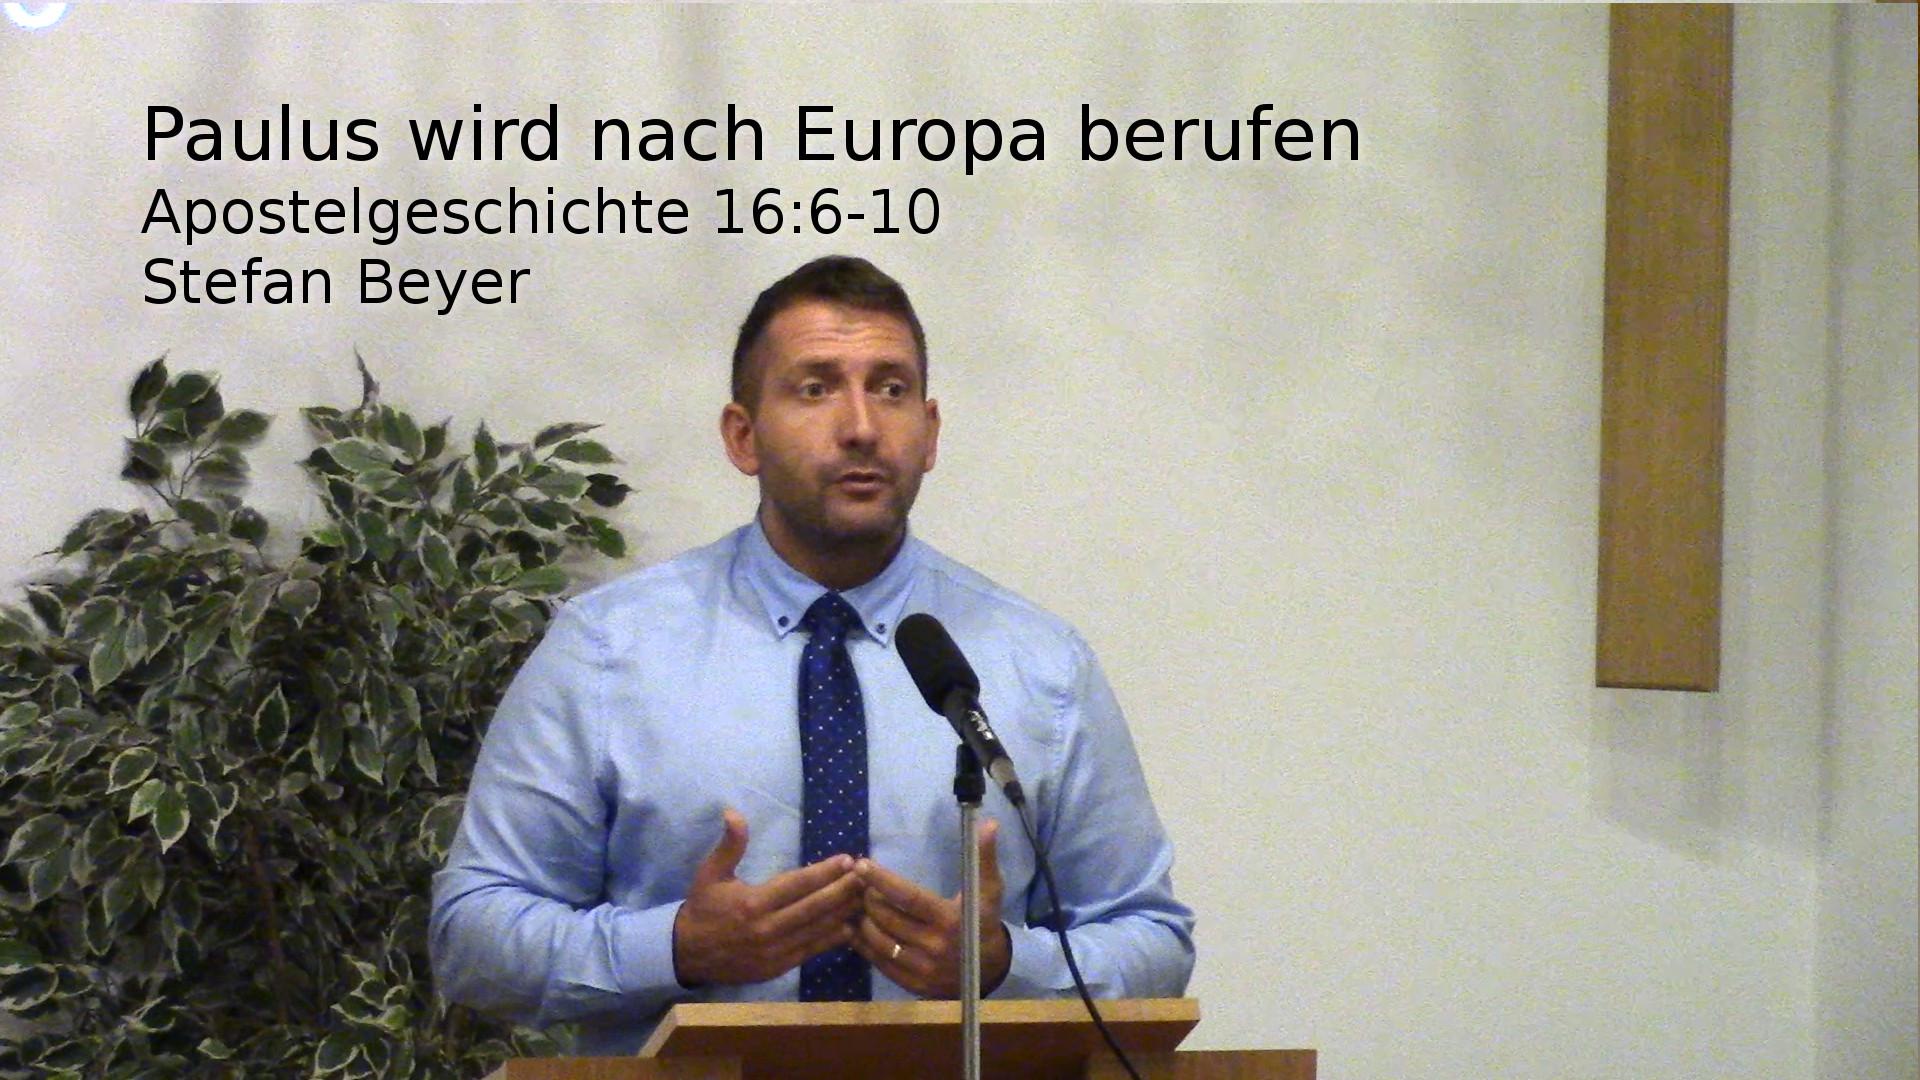 Apostelgeschichte 16:6-10 – Paulus wird nach Europa berufen